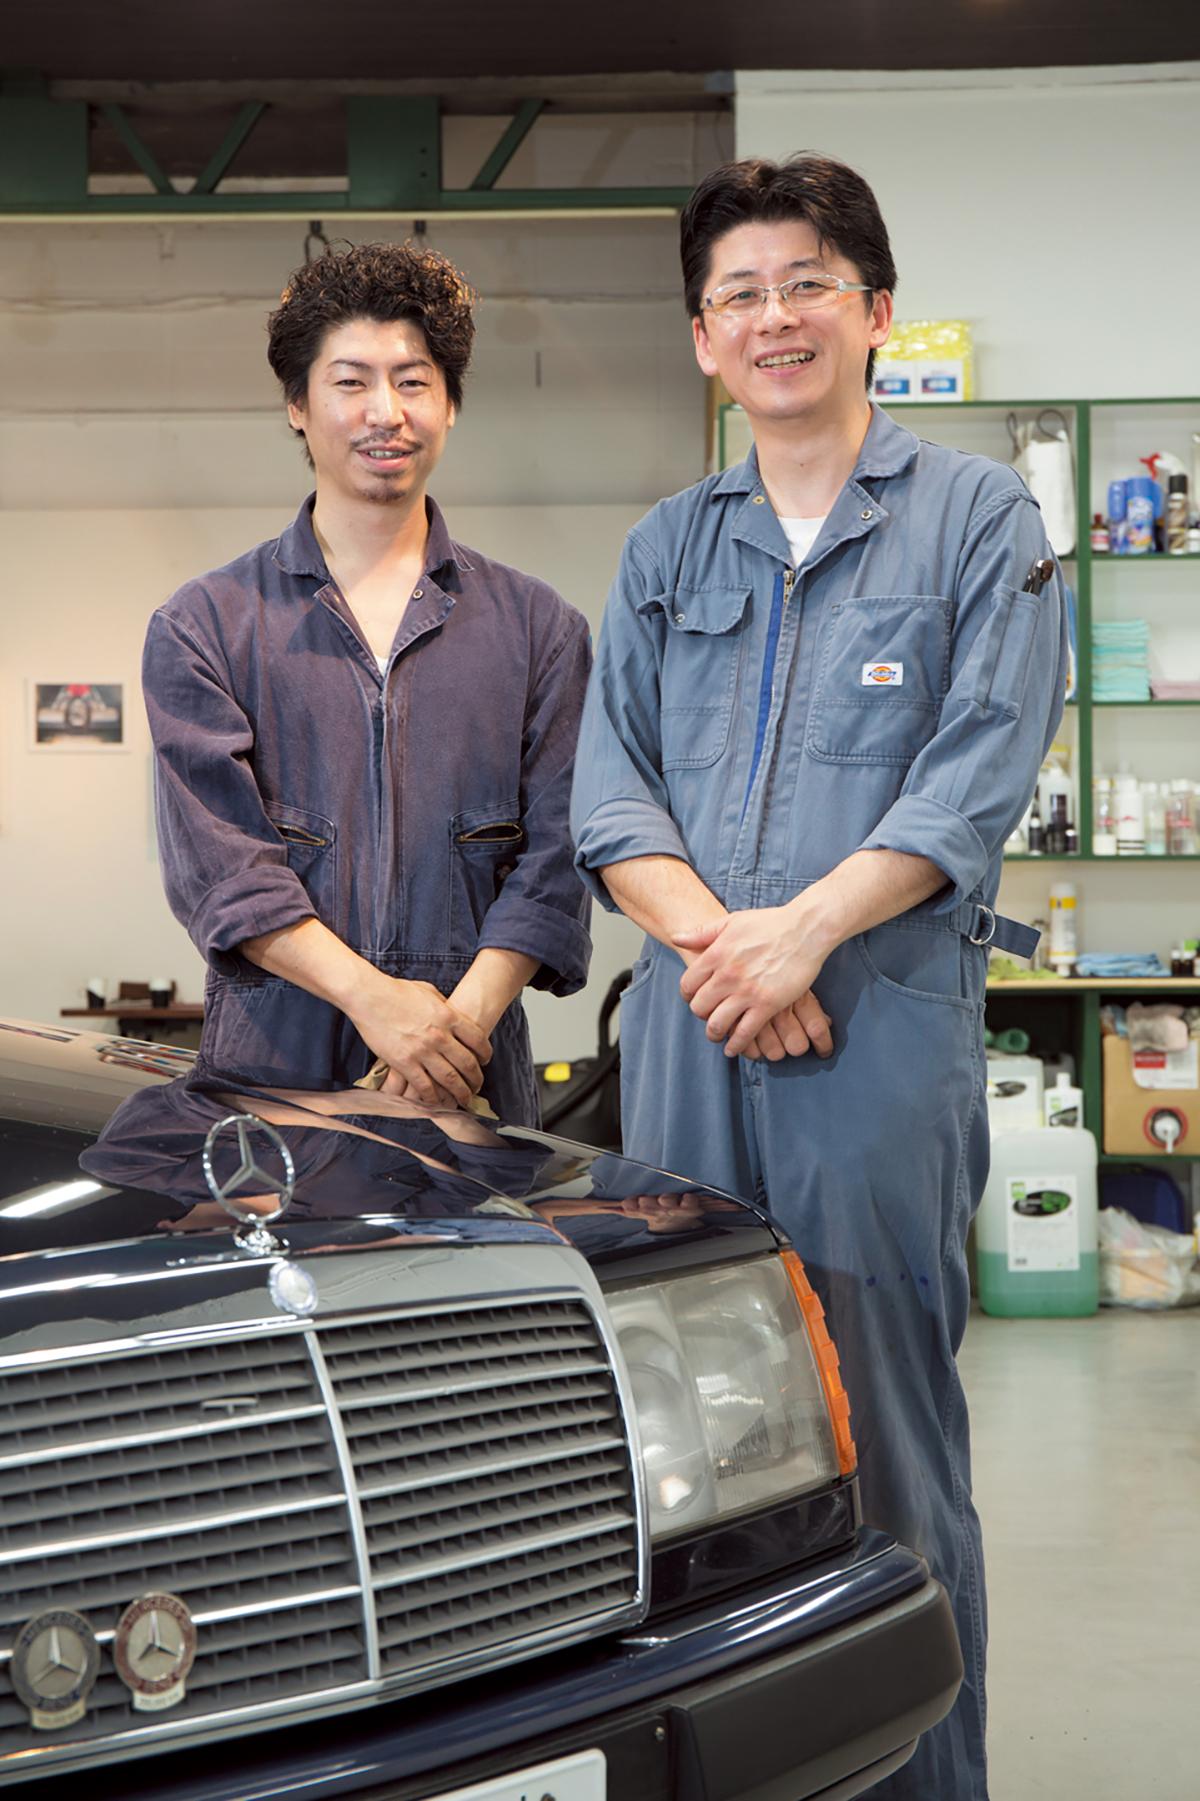 千葉ガレージ代表の千葉邦彦さん(右)と、スタッフの小黒涼介さん。センター・コンソールに敷いてあるカーペットのコーヒー染みまで抜いてくれた。 千葉ガレージ:東京都杉並区方南2-4-6 Tel.03-5913-7170  https://www.facebook.com/chibagarege